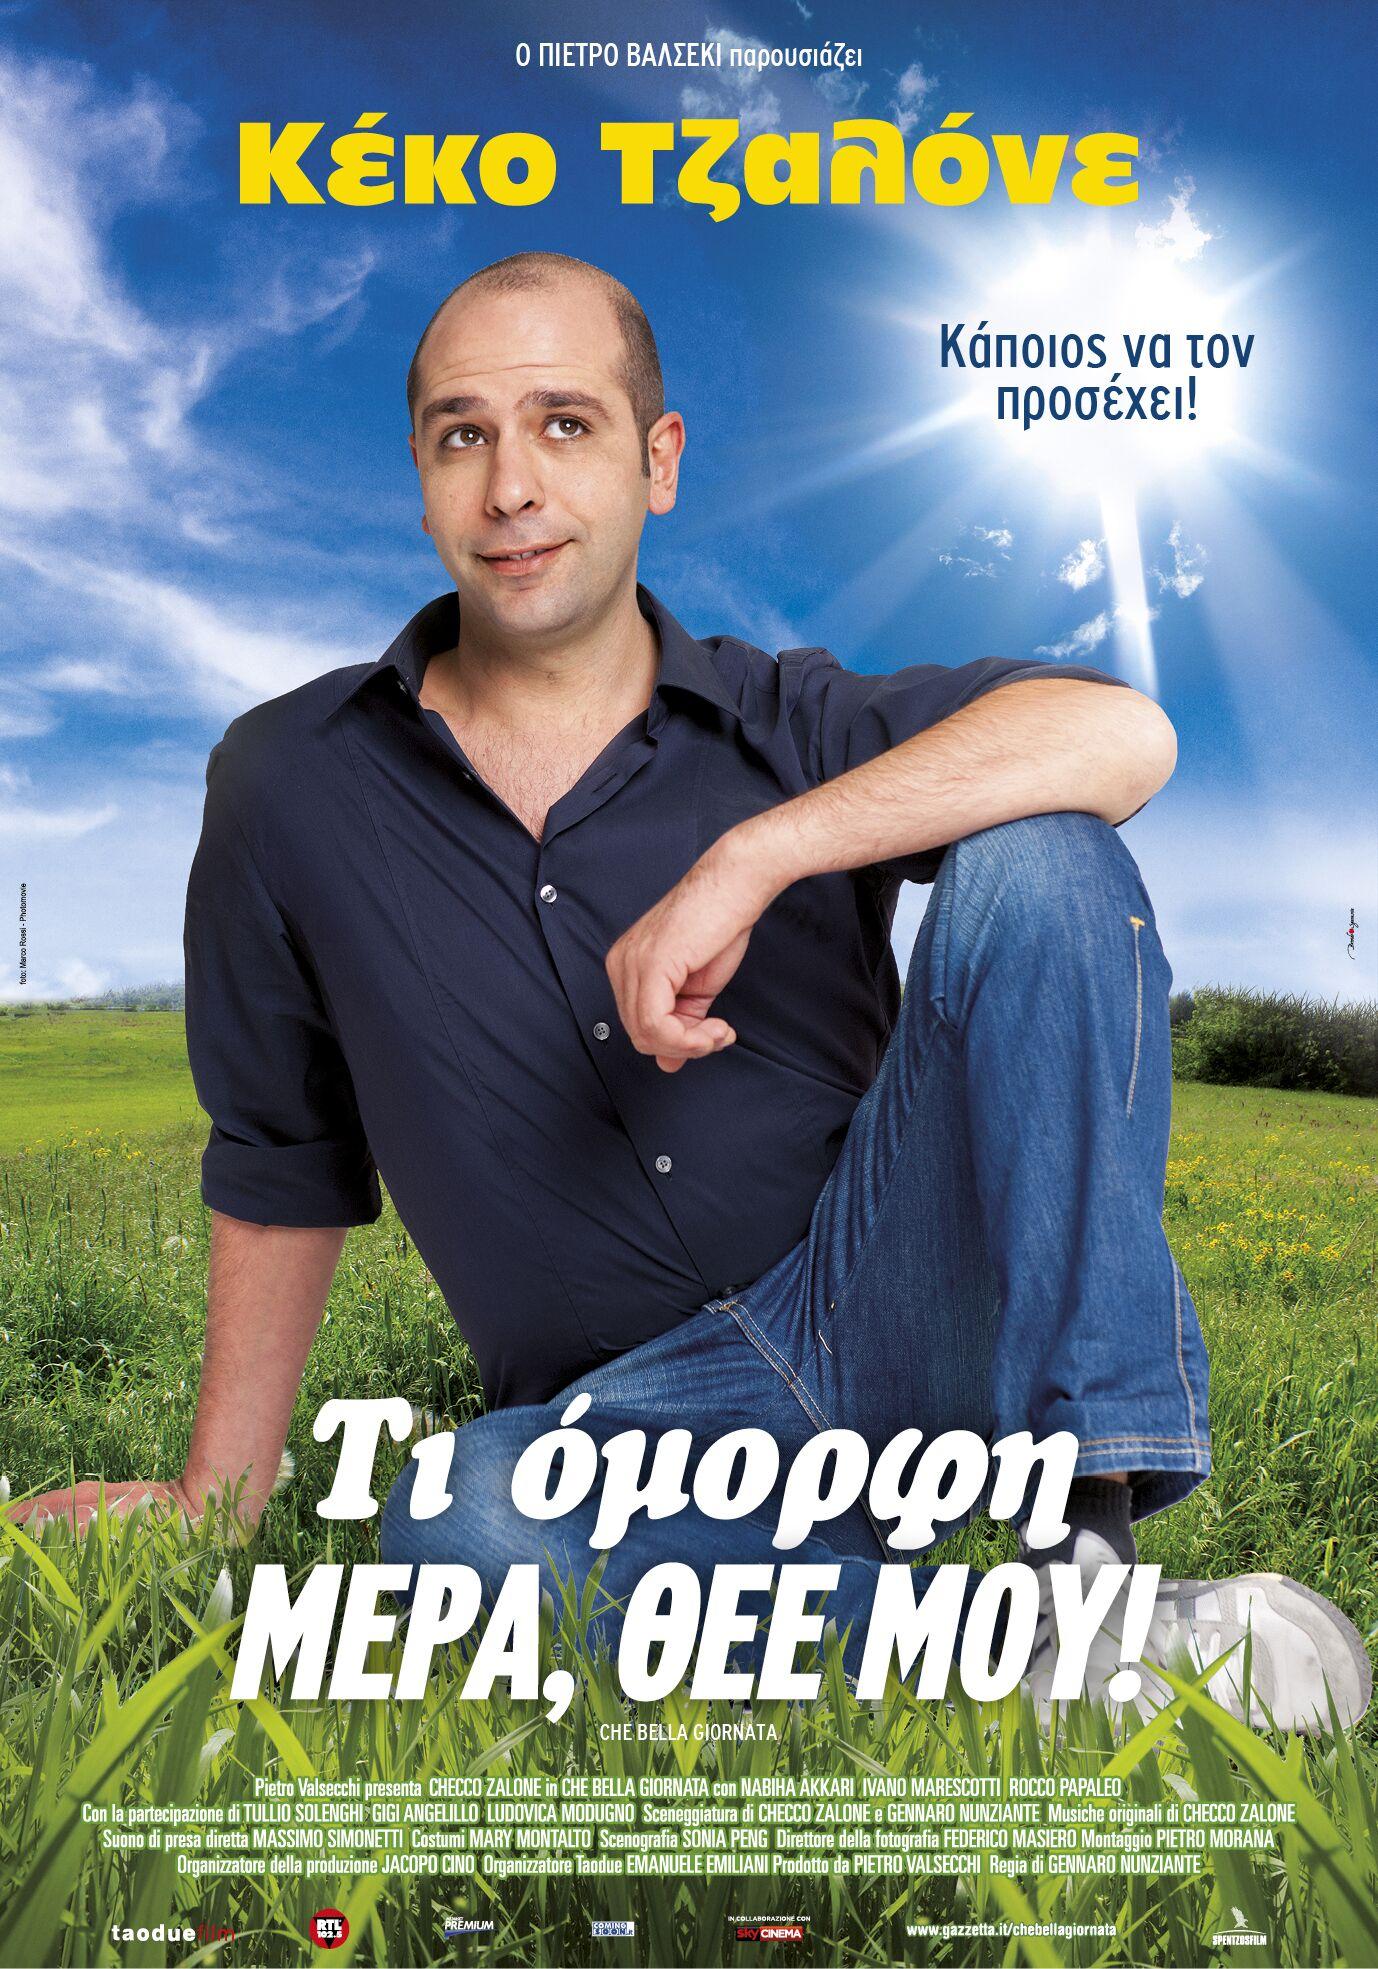 Che bella Giornata greek poster